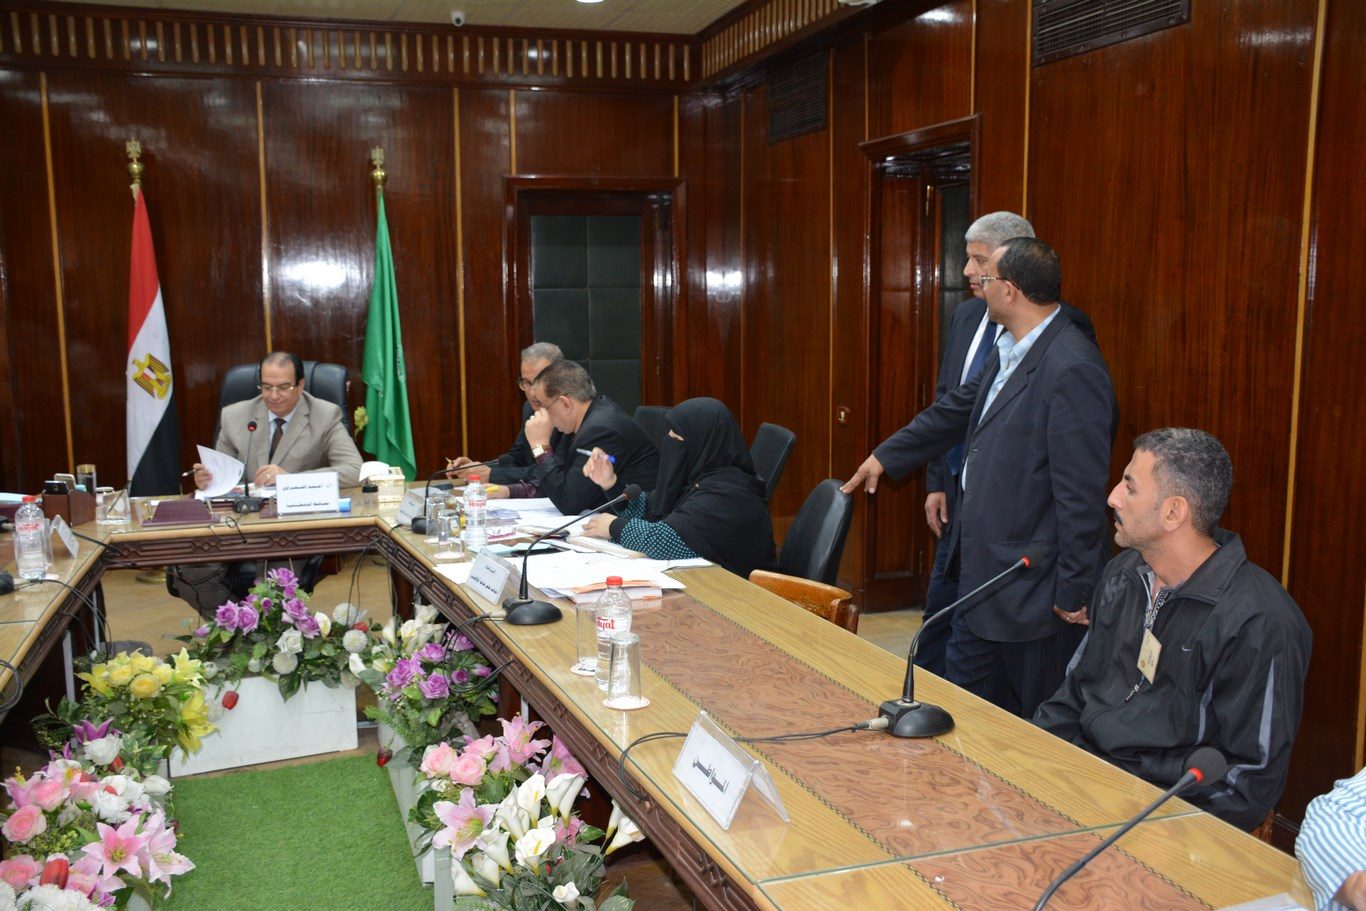 لقاء المحافظ بأعضاء الجهاز التنفيذي بالمحافظة (5)